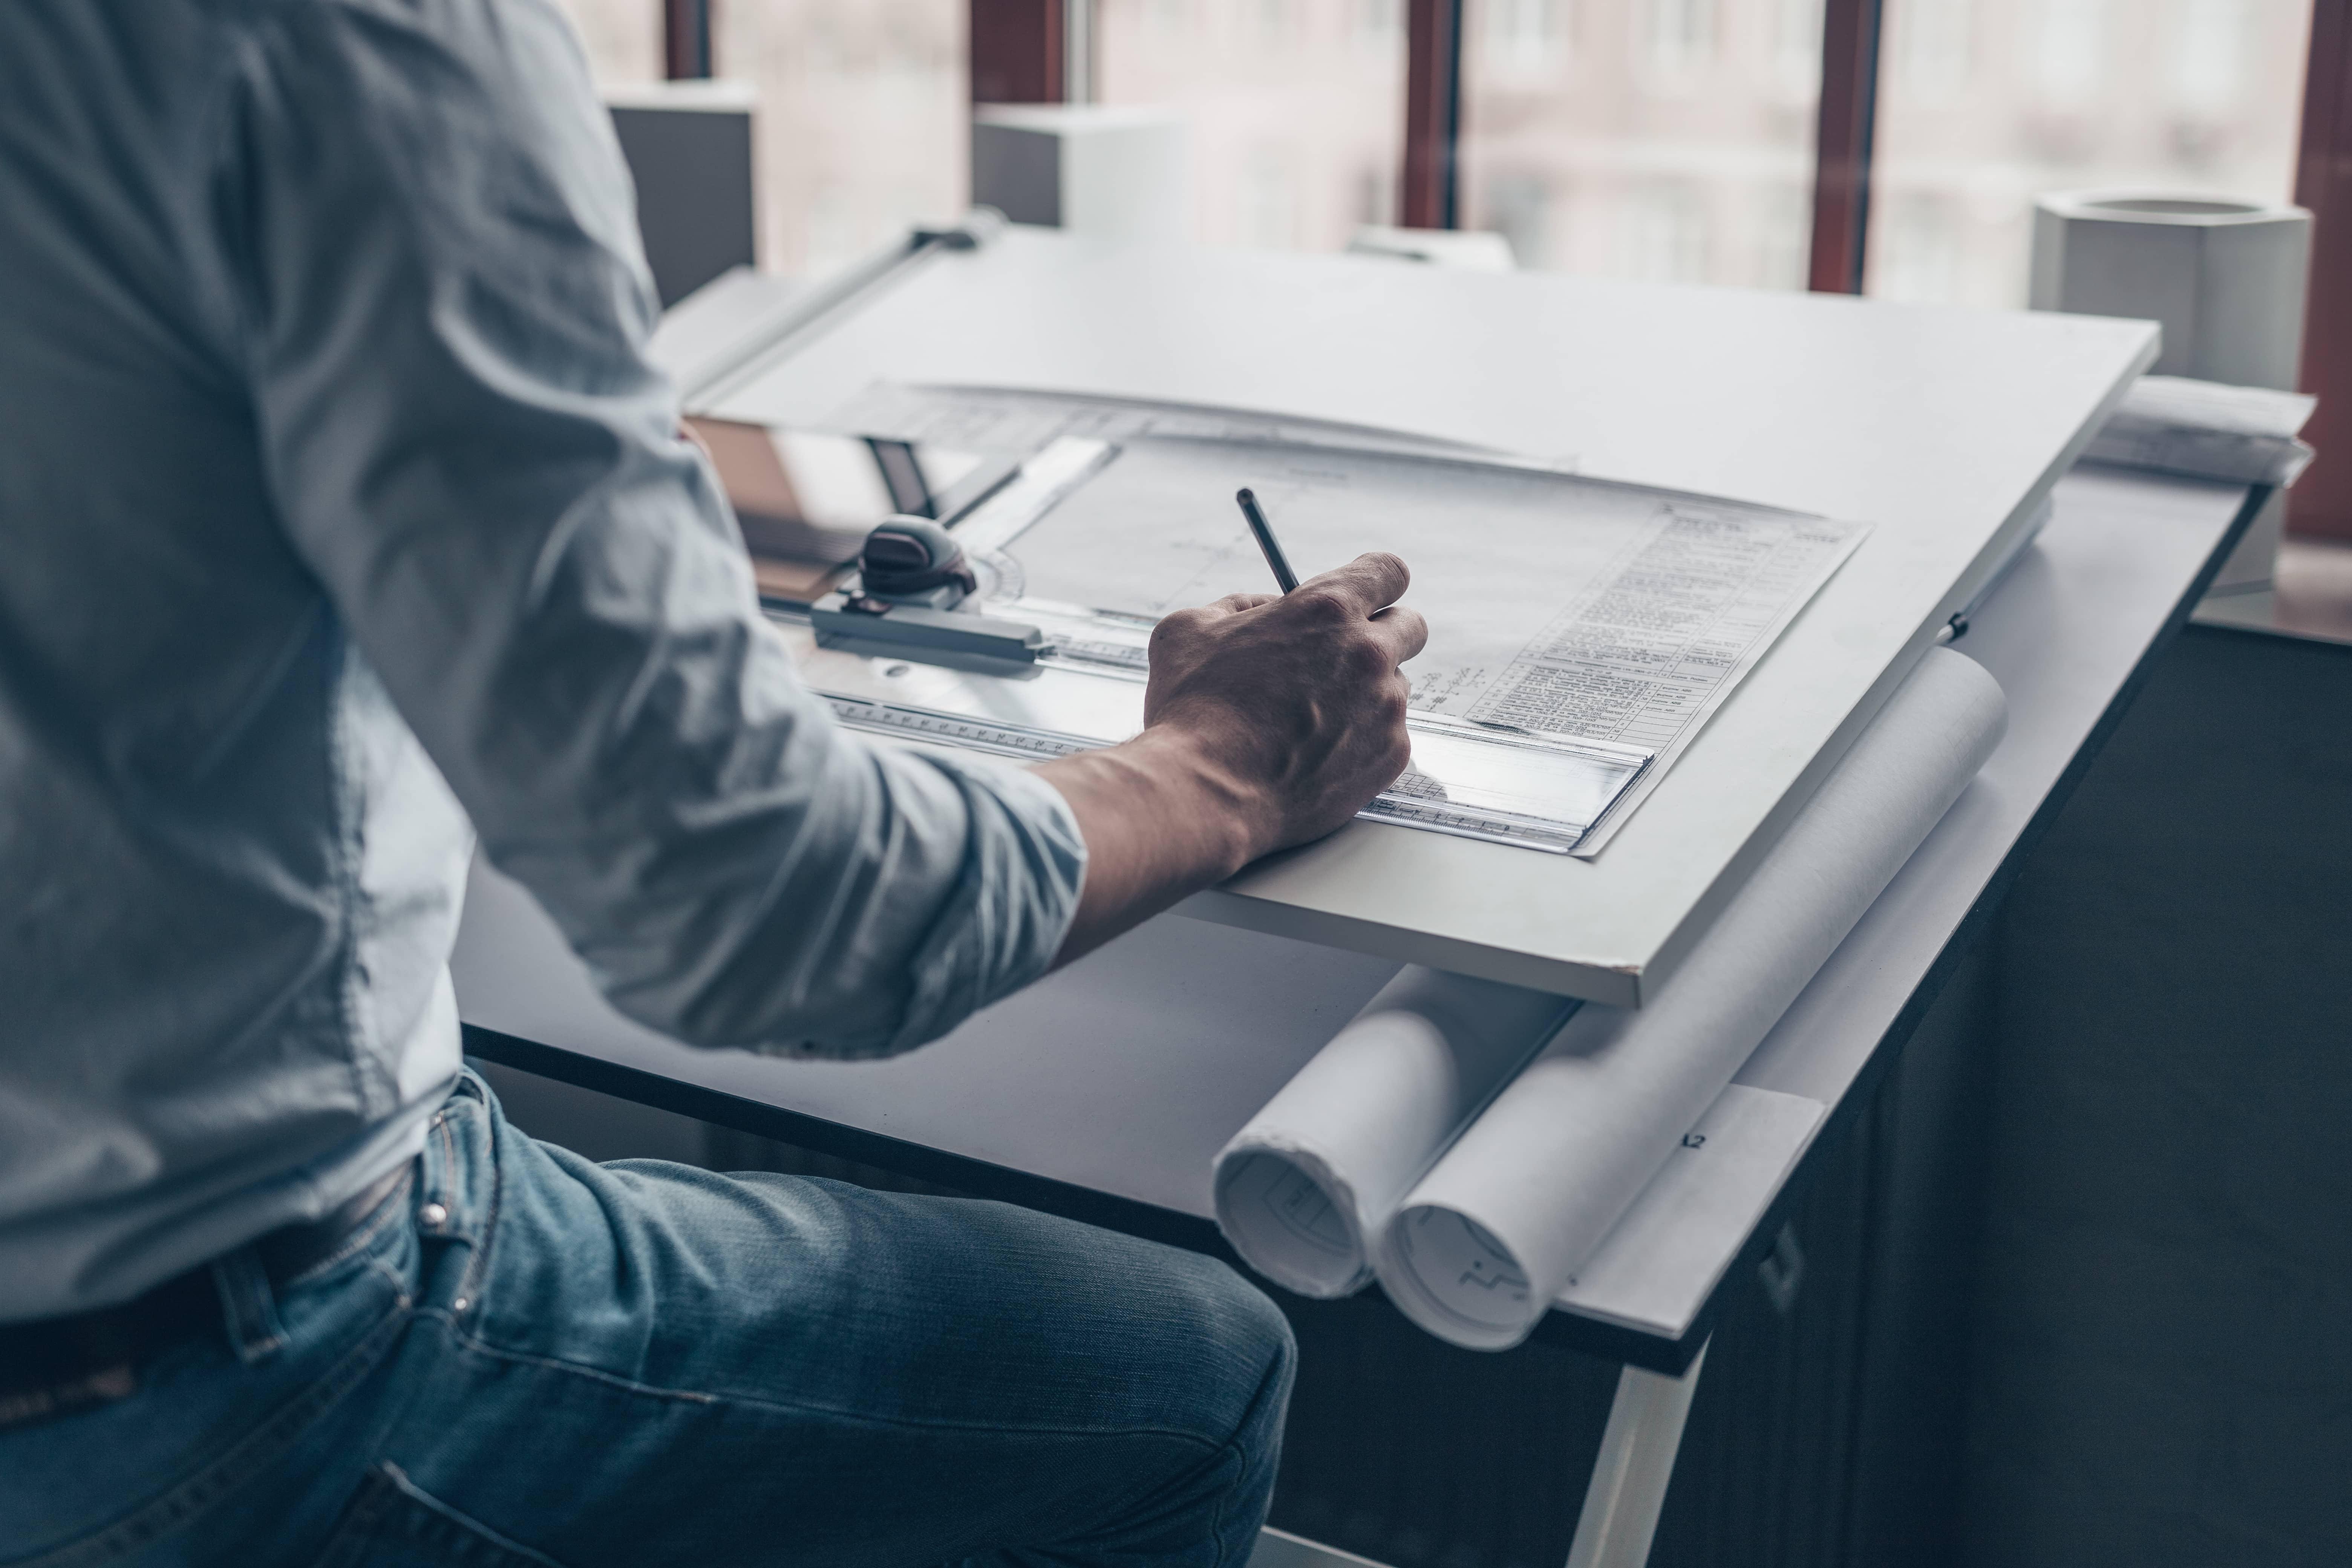 Web designer freelancing